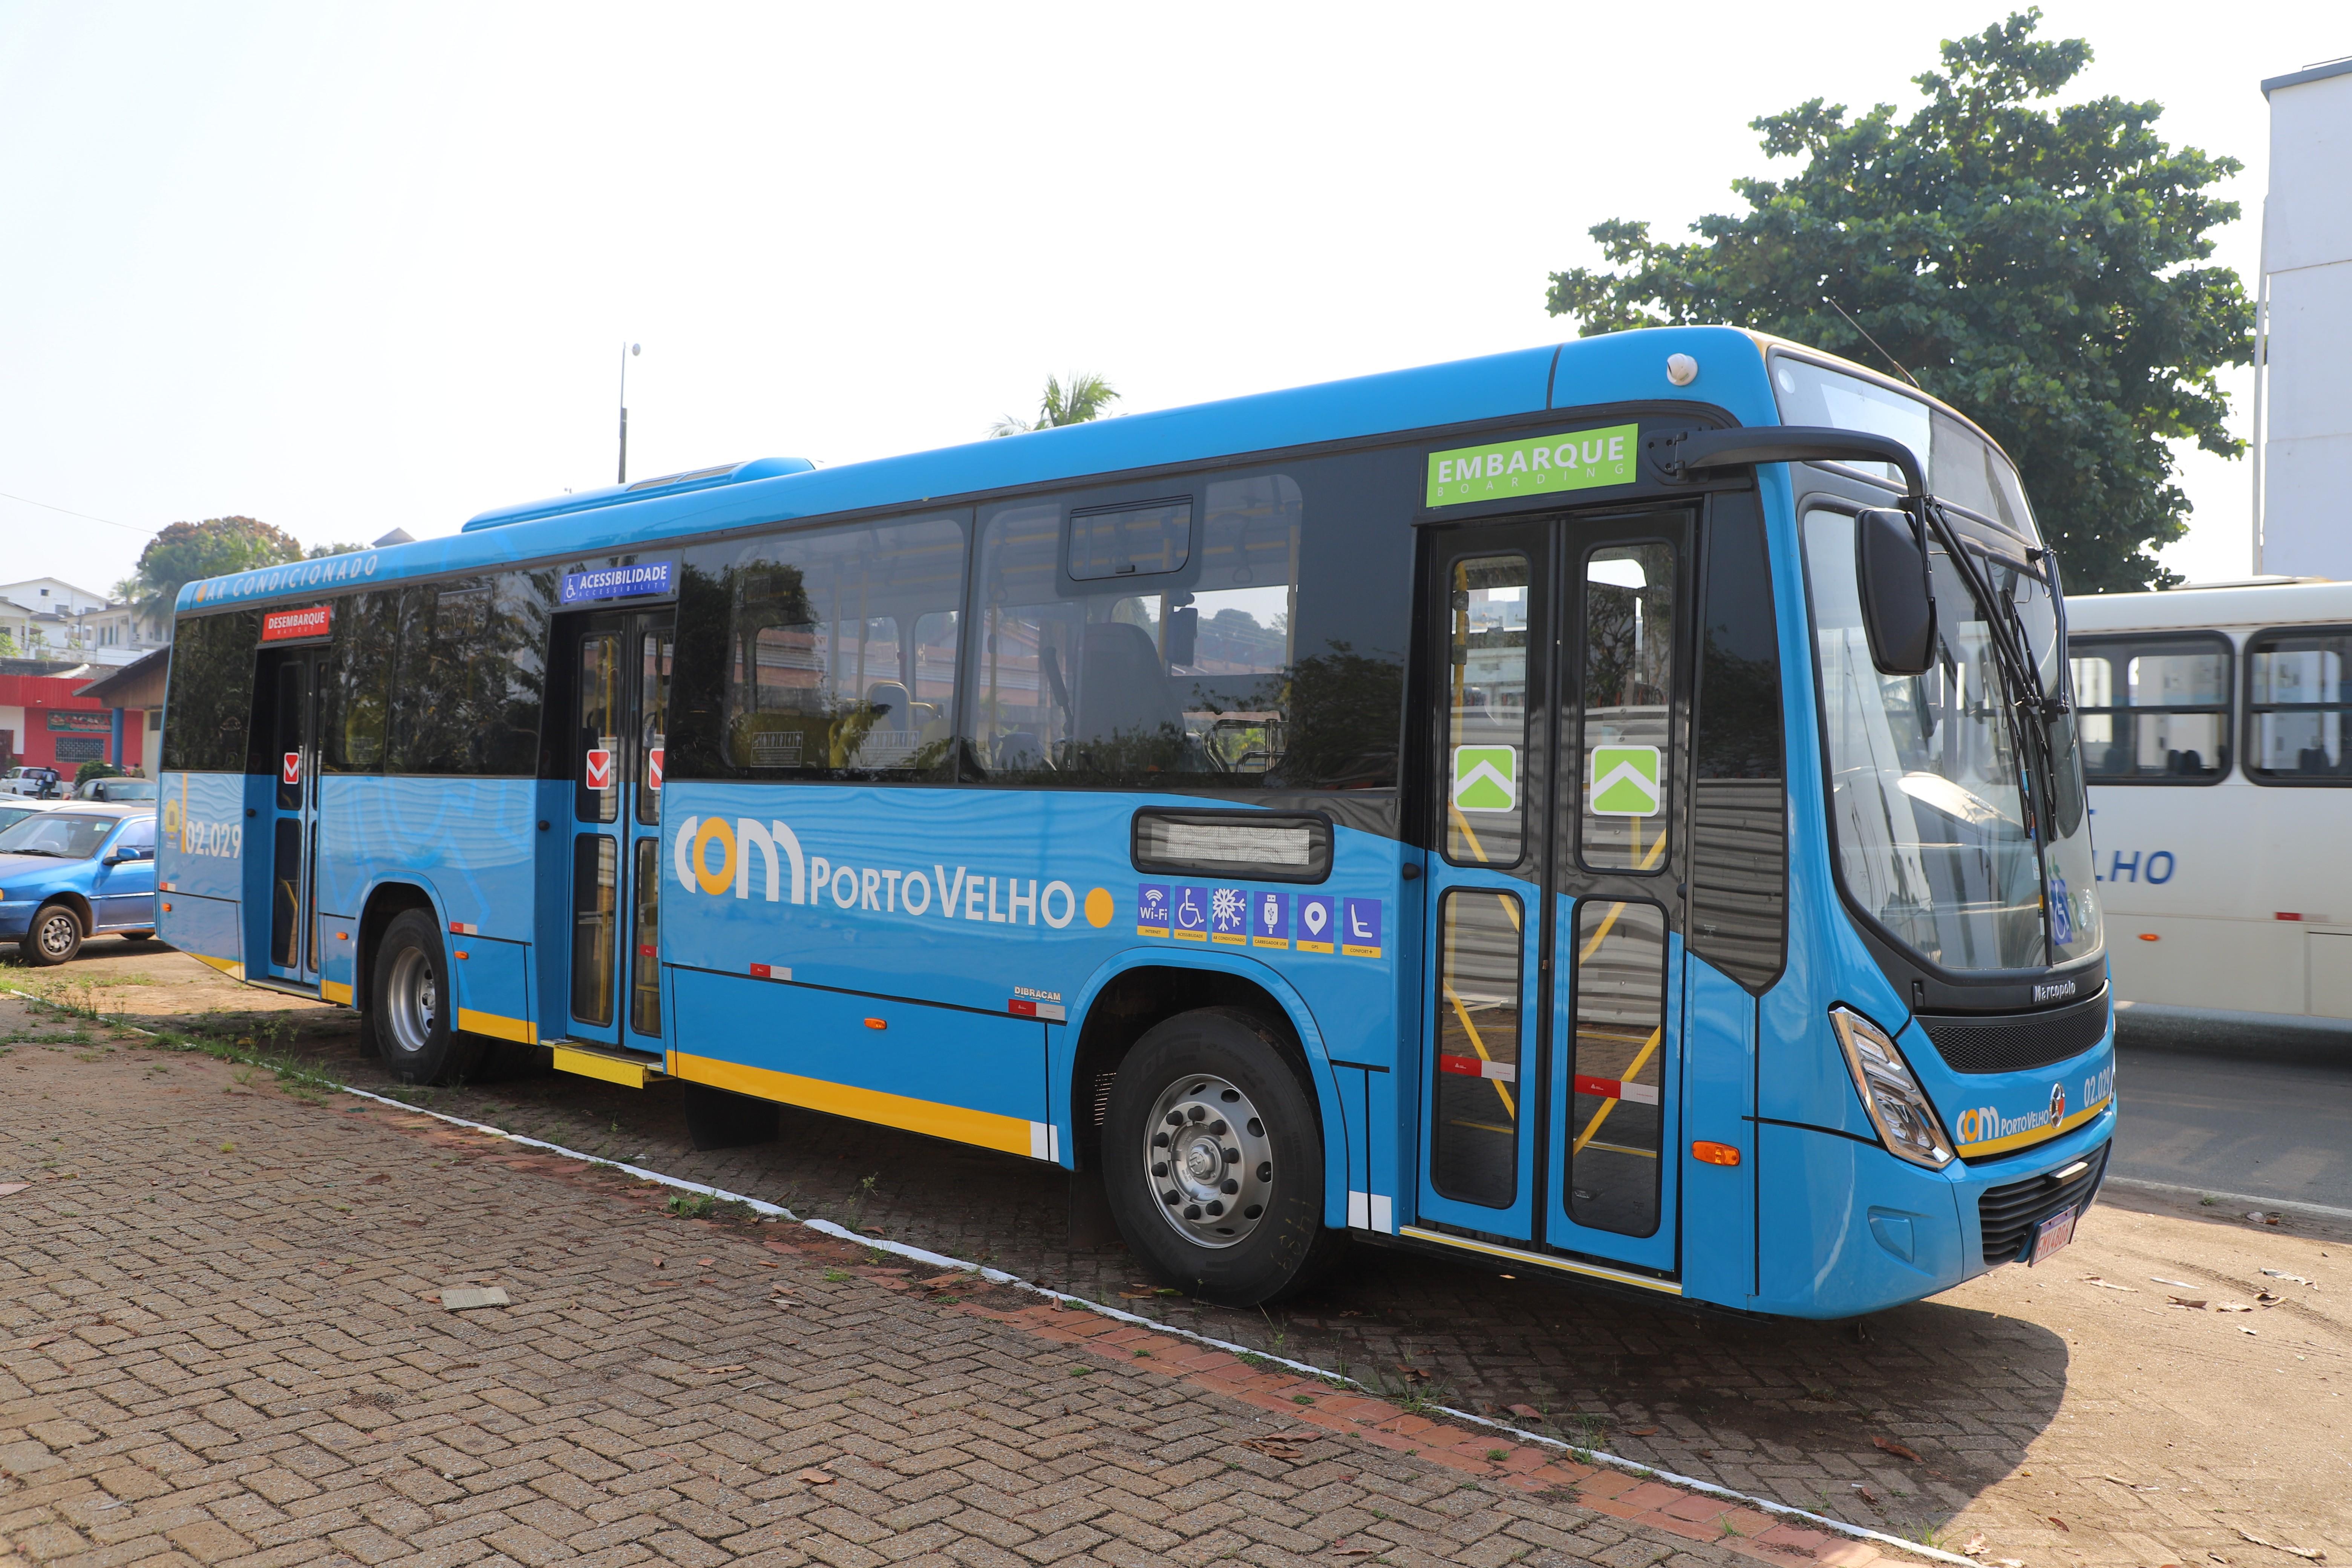 Prefeitura anuncia retomada do transporte coletivo de Porto Velho na quinta-feira, 1º; veja linhas